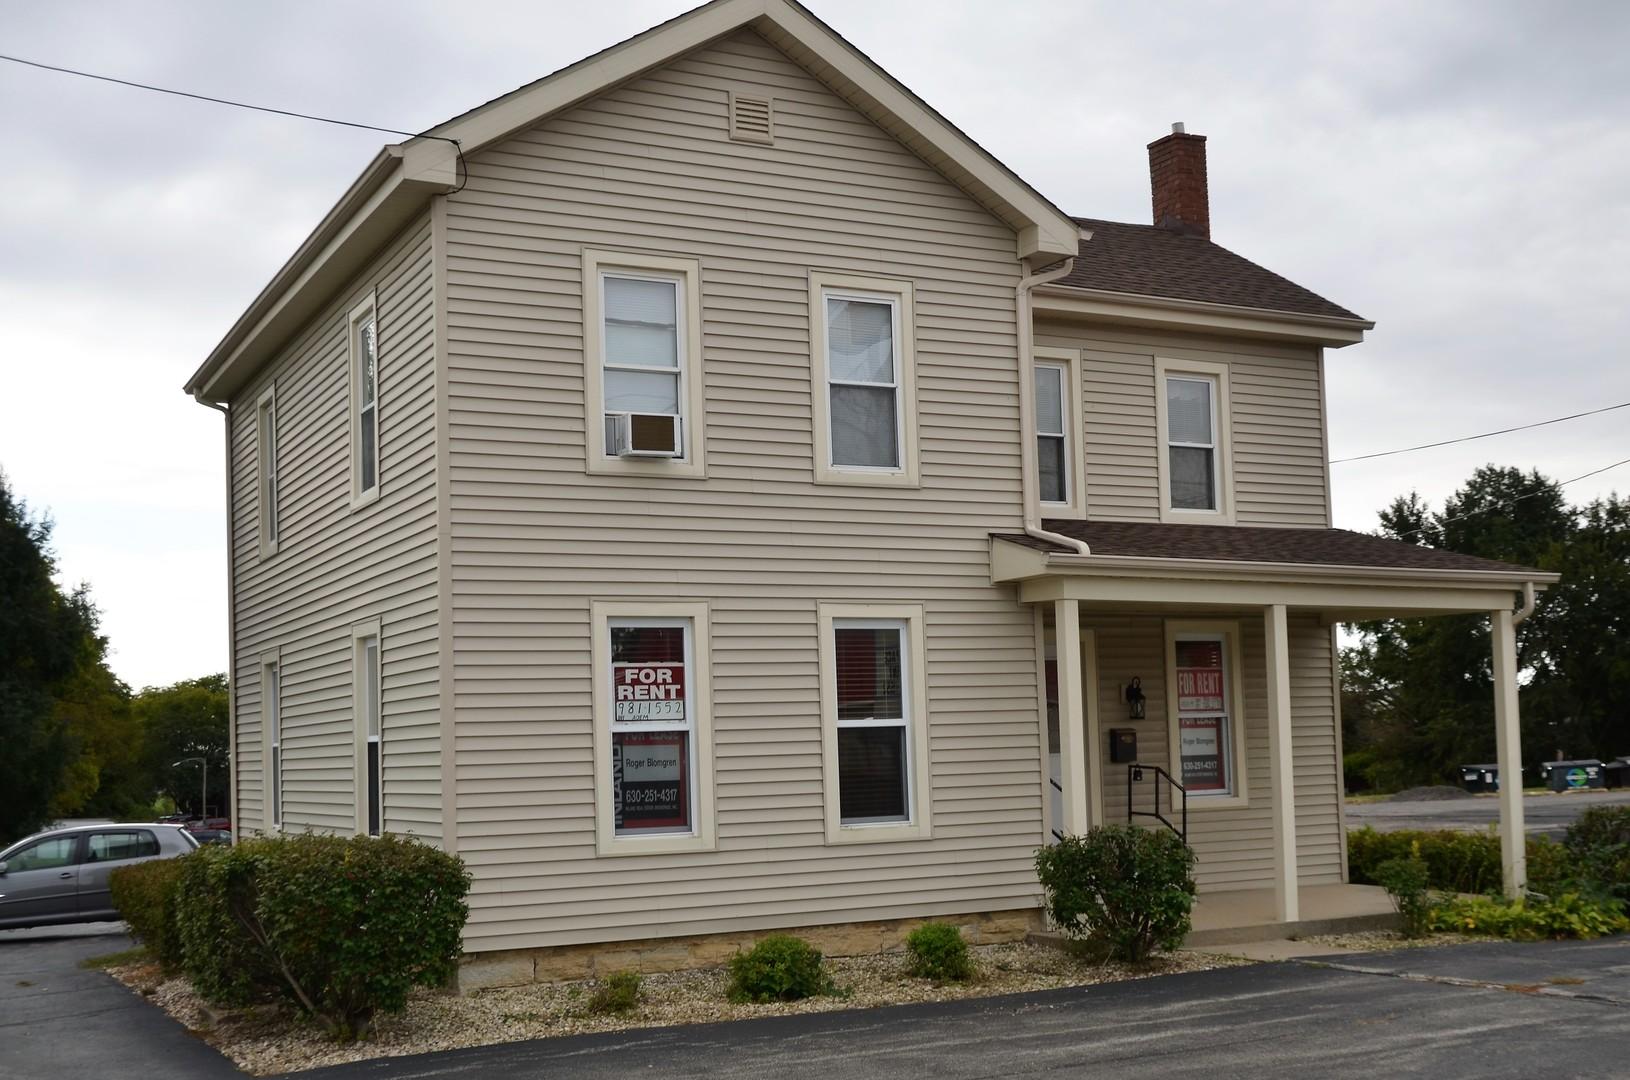 528 E Church ST, Sandwich, IL 60548 $13 www propertybuyusa